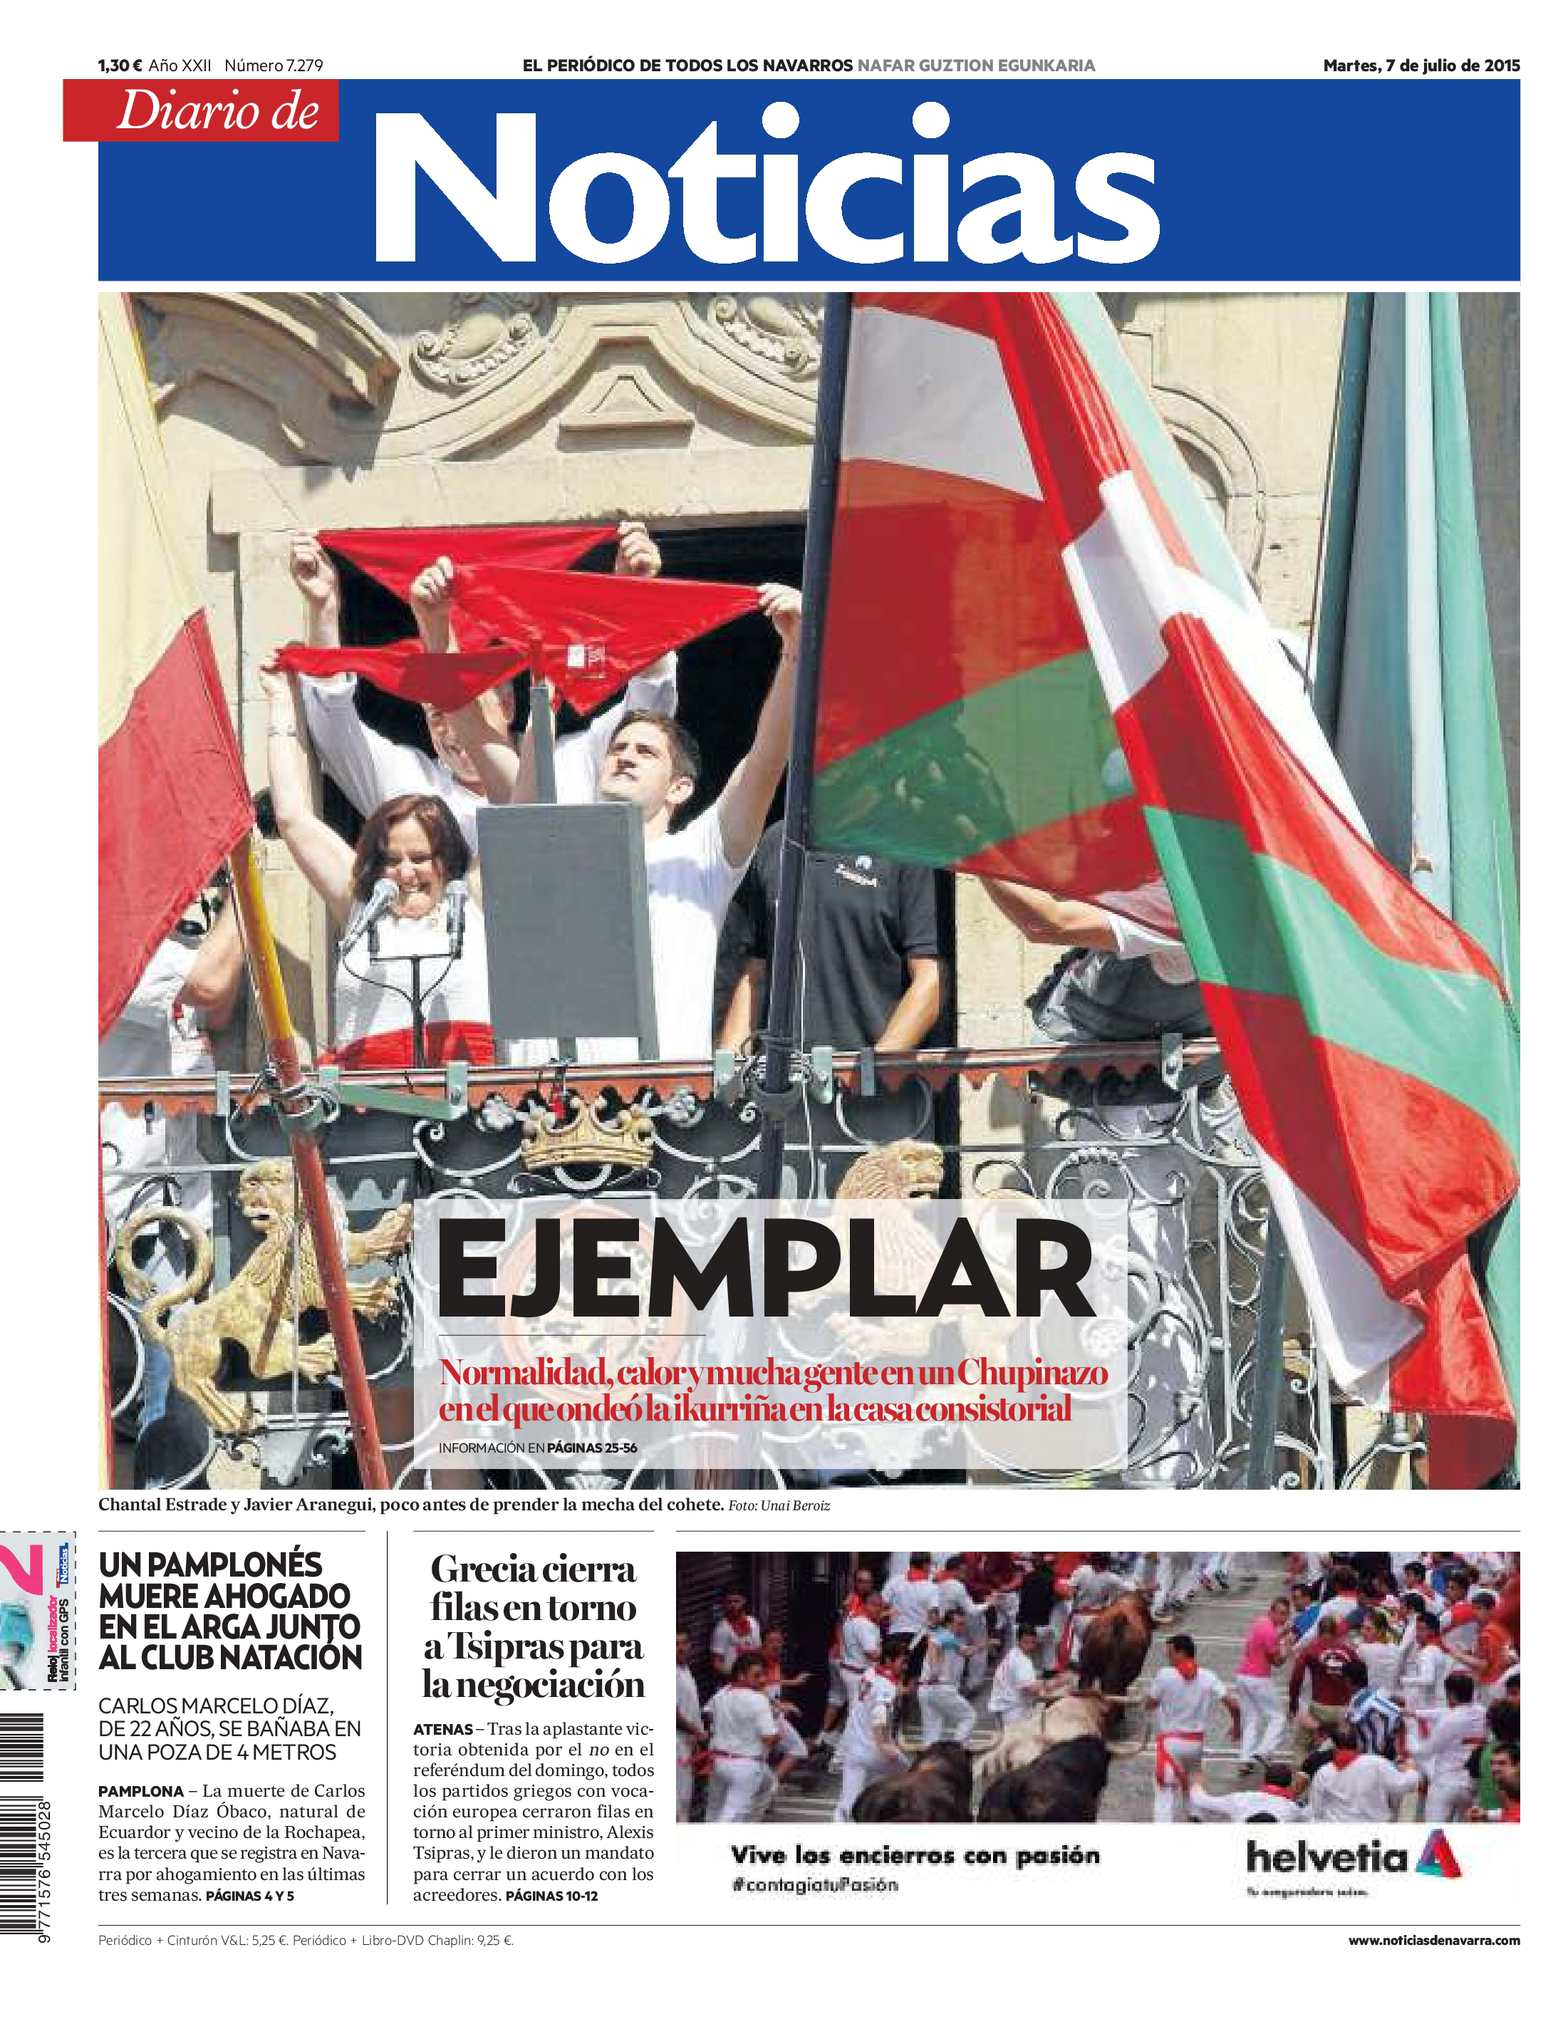 Calaméo Calaméo Diario De Noticias Diario Noticias 20150707 De 6B6Uqdaw